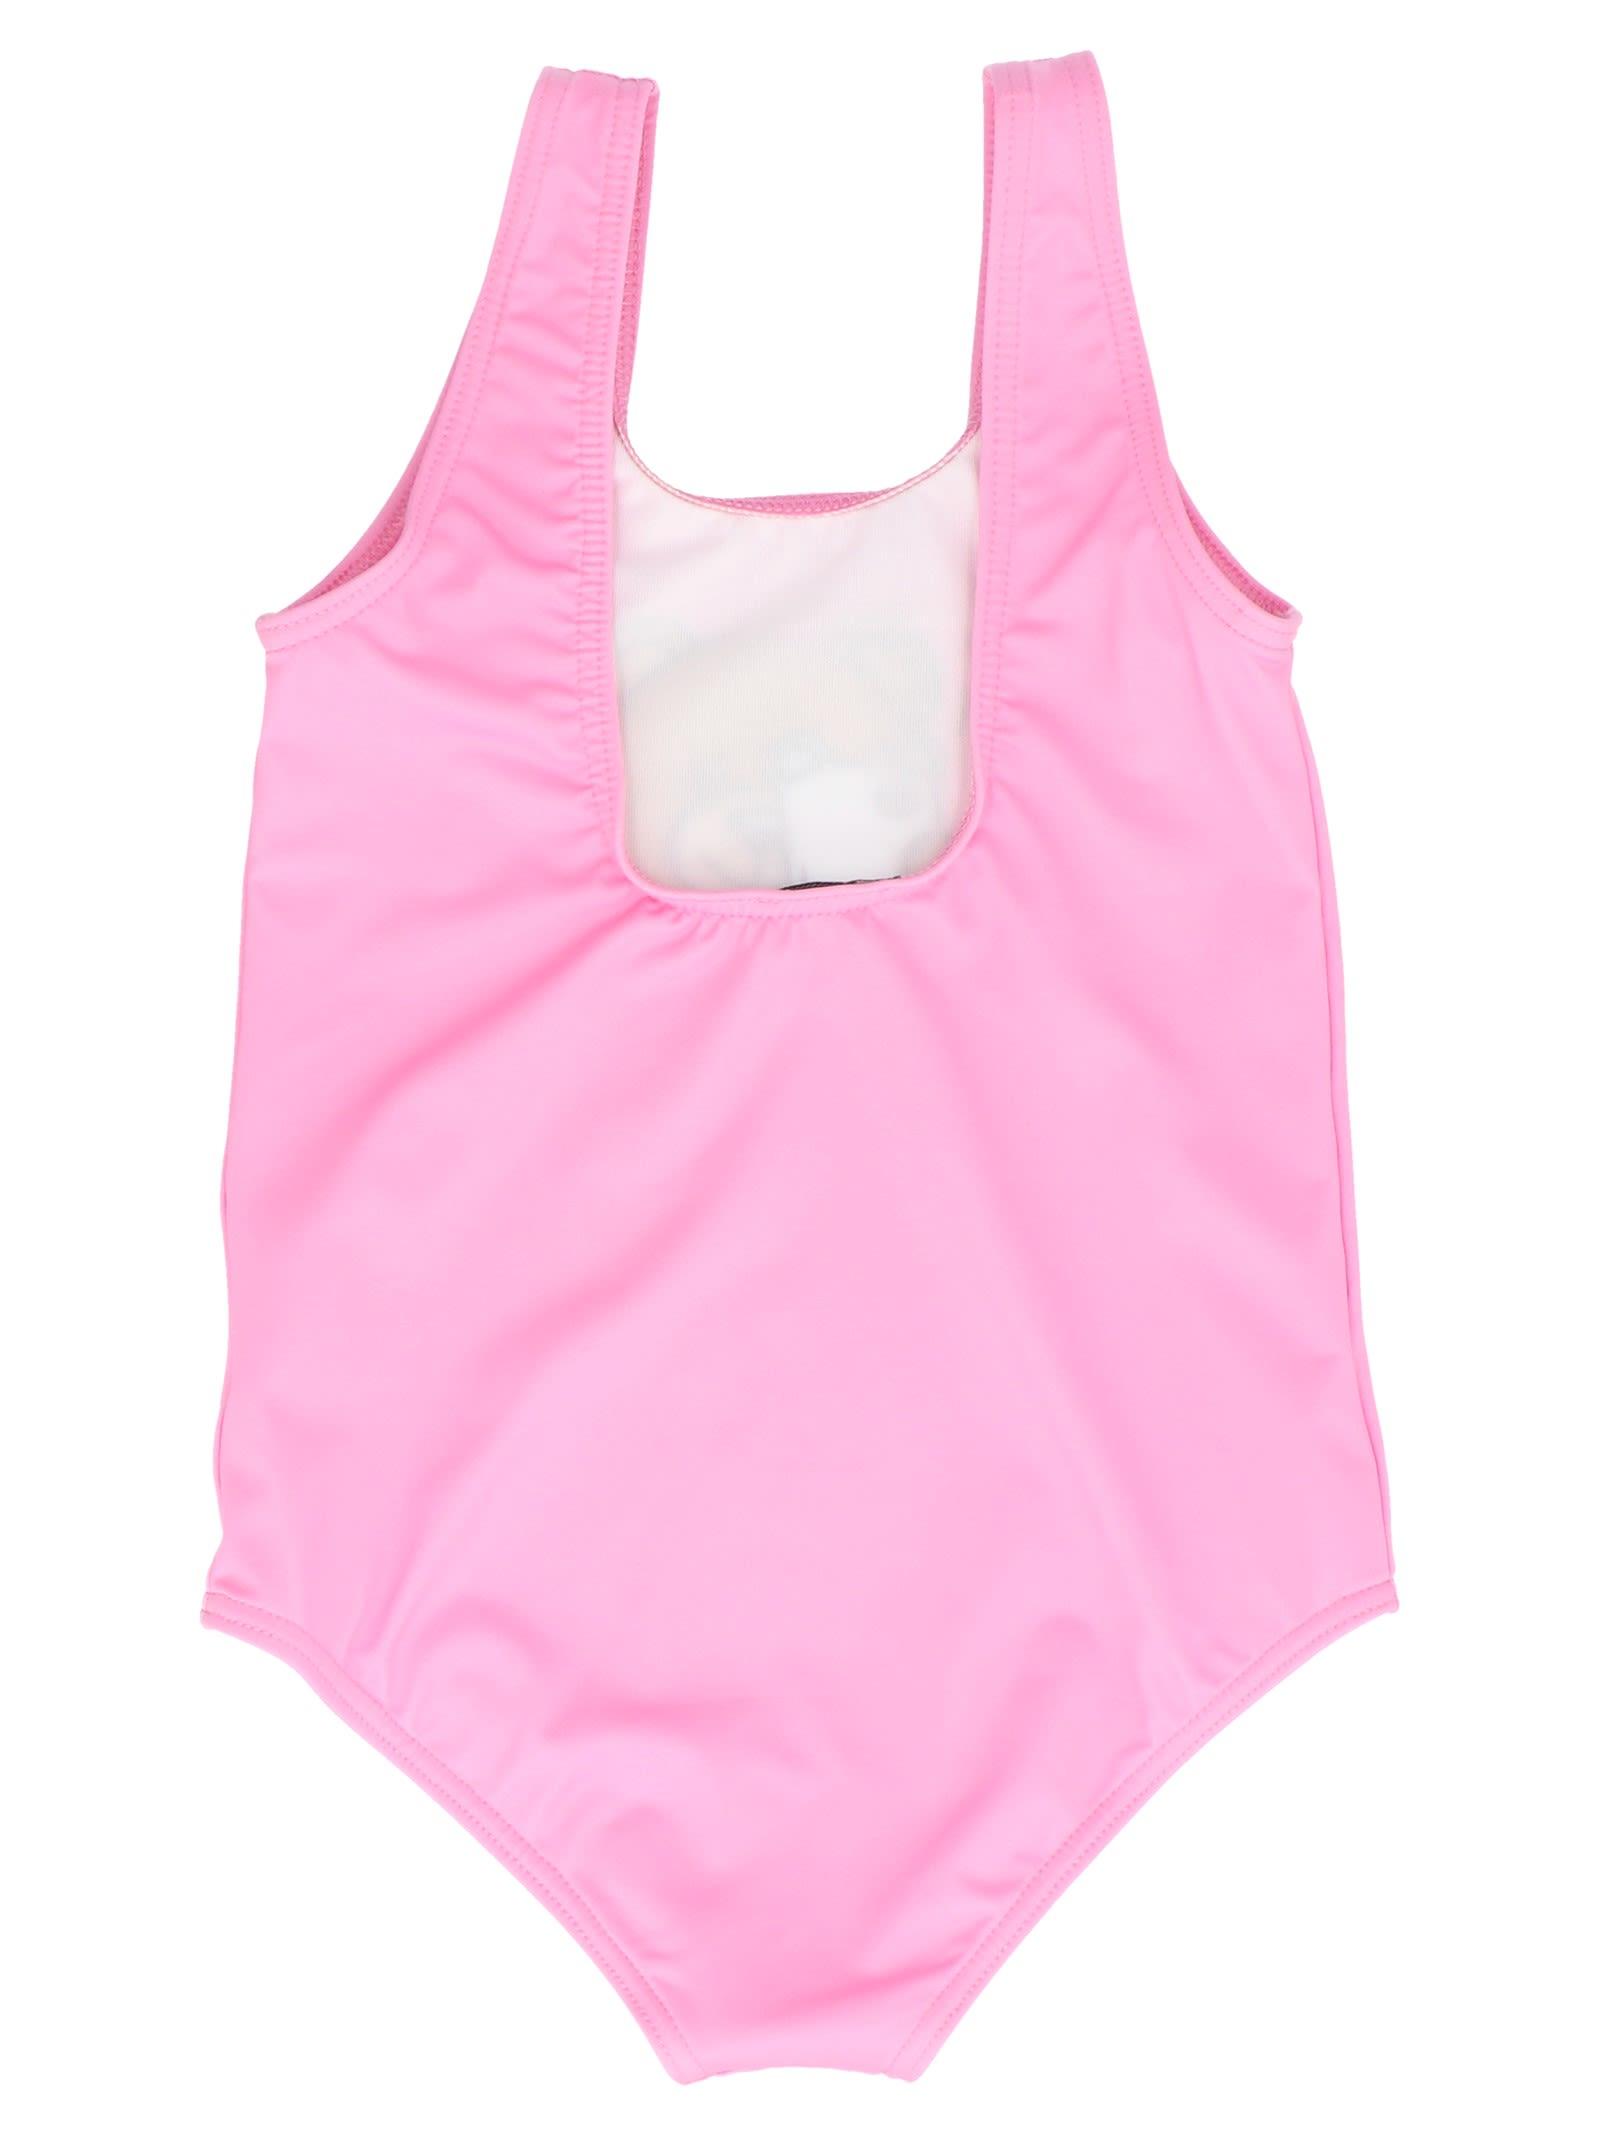 552e43219 Moschino Moschino Swimsuit - Pink - 10908358 | italist